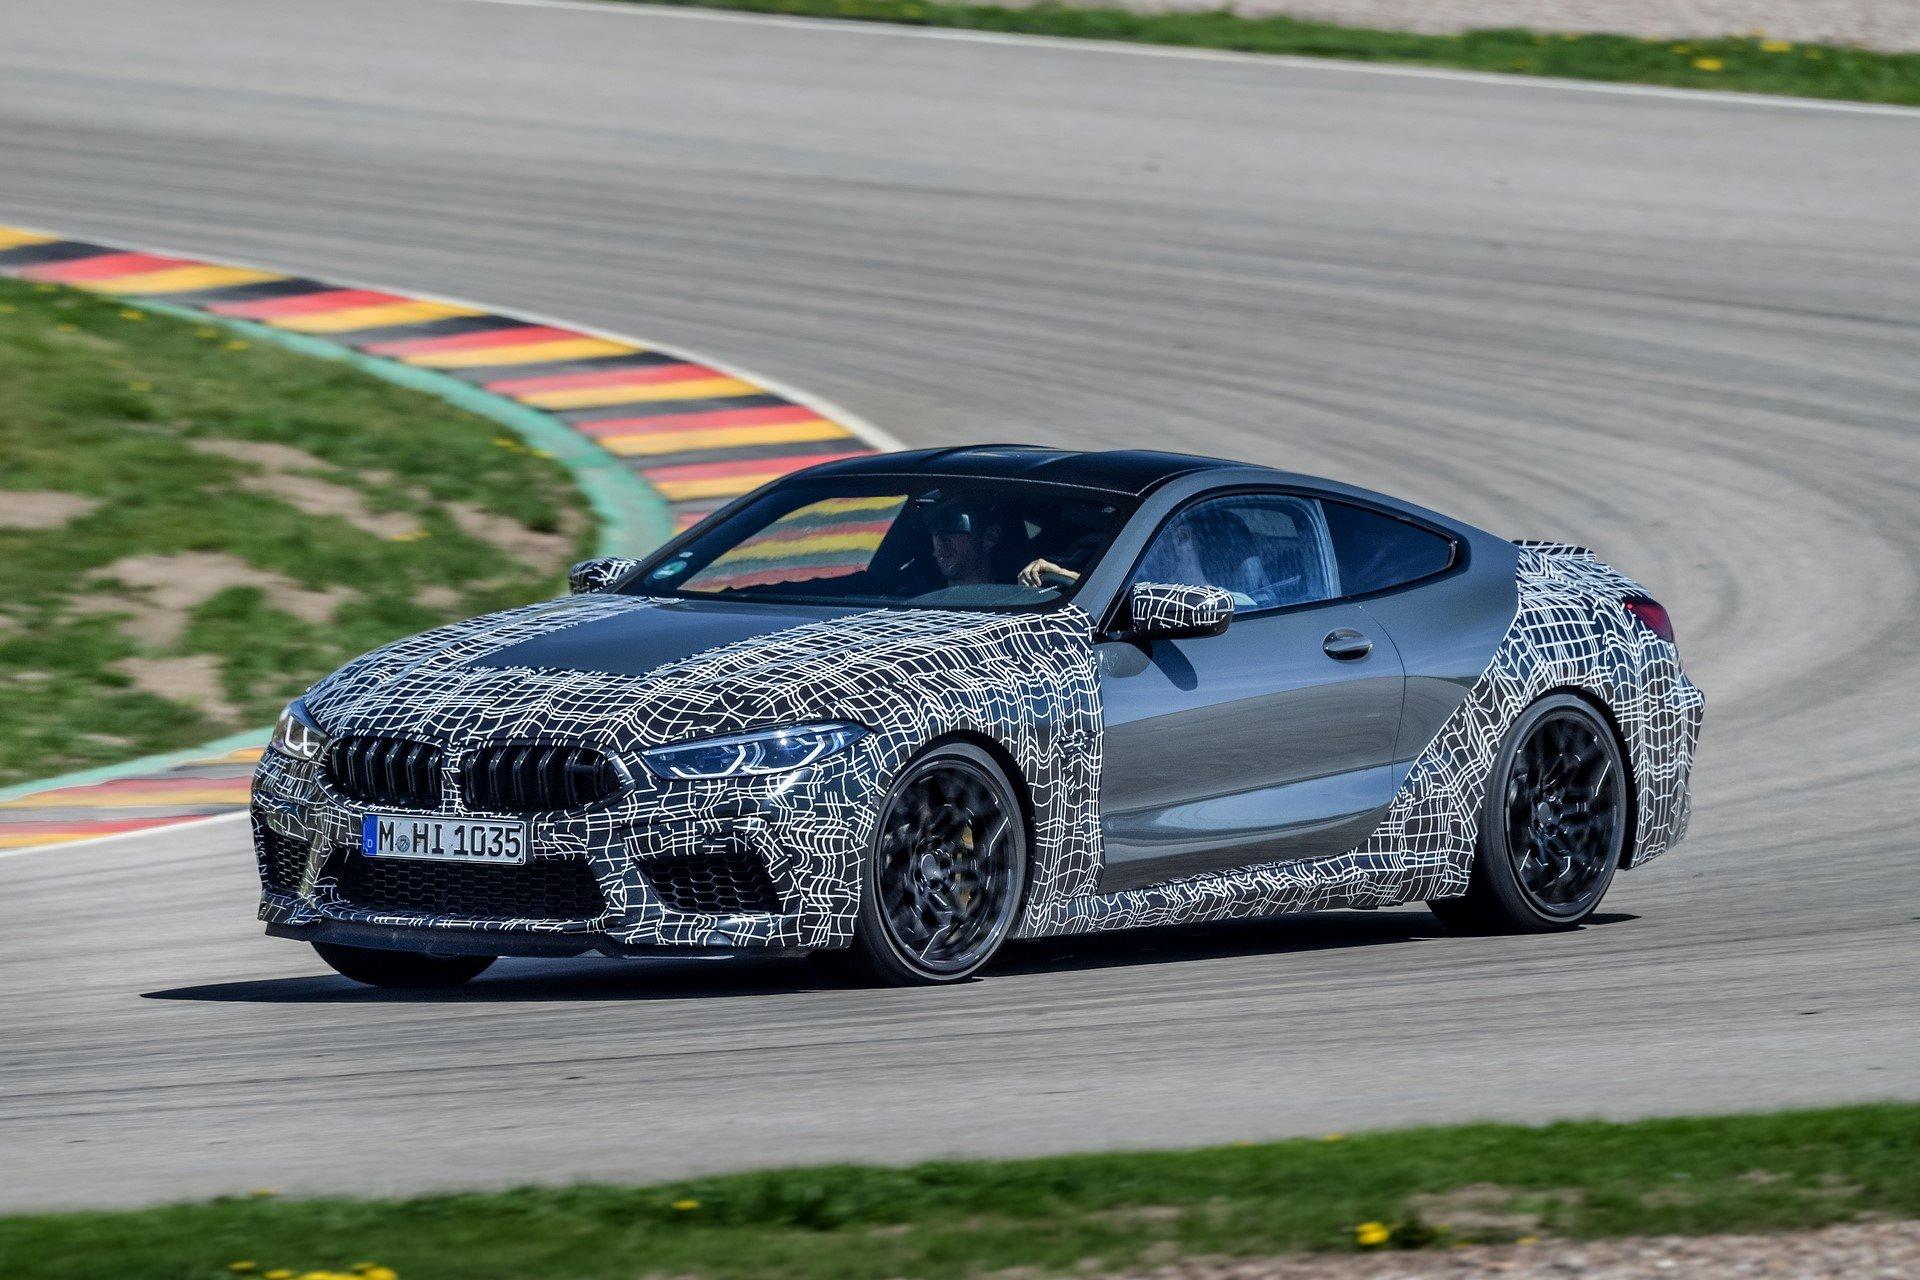 BMW-M8-spy-photos-20